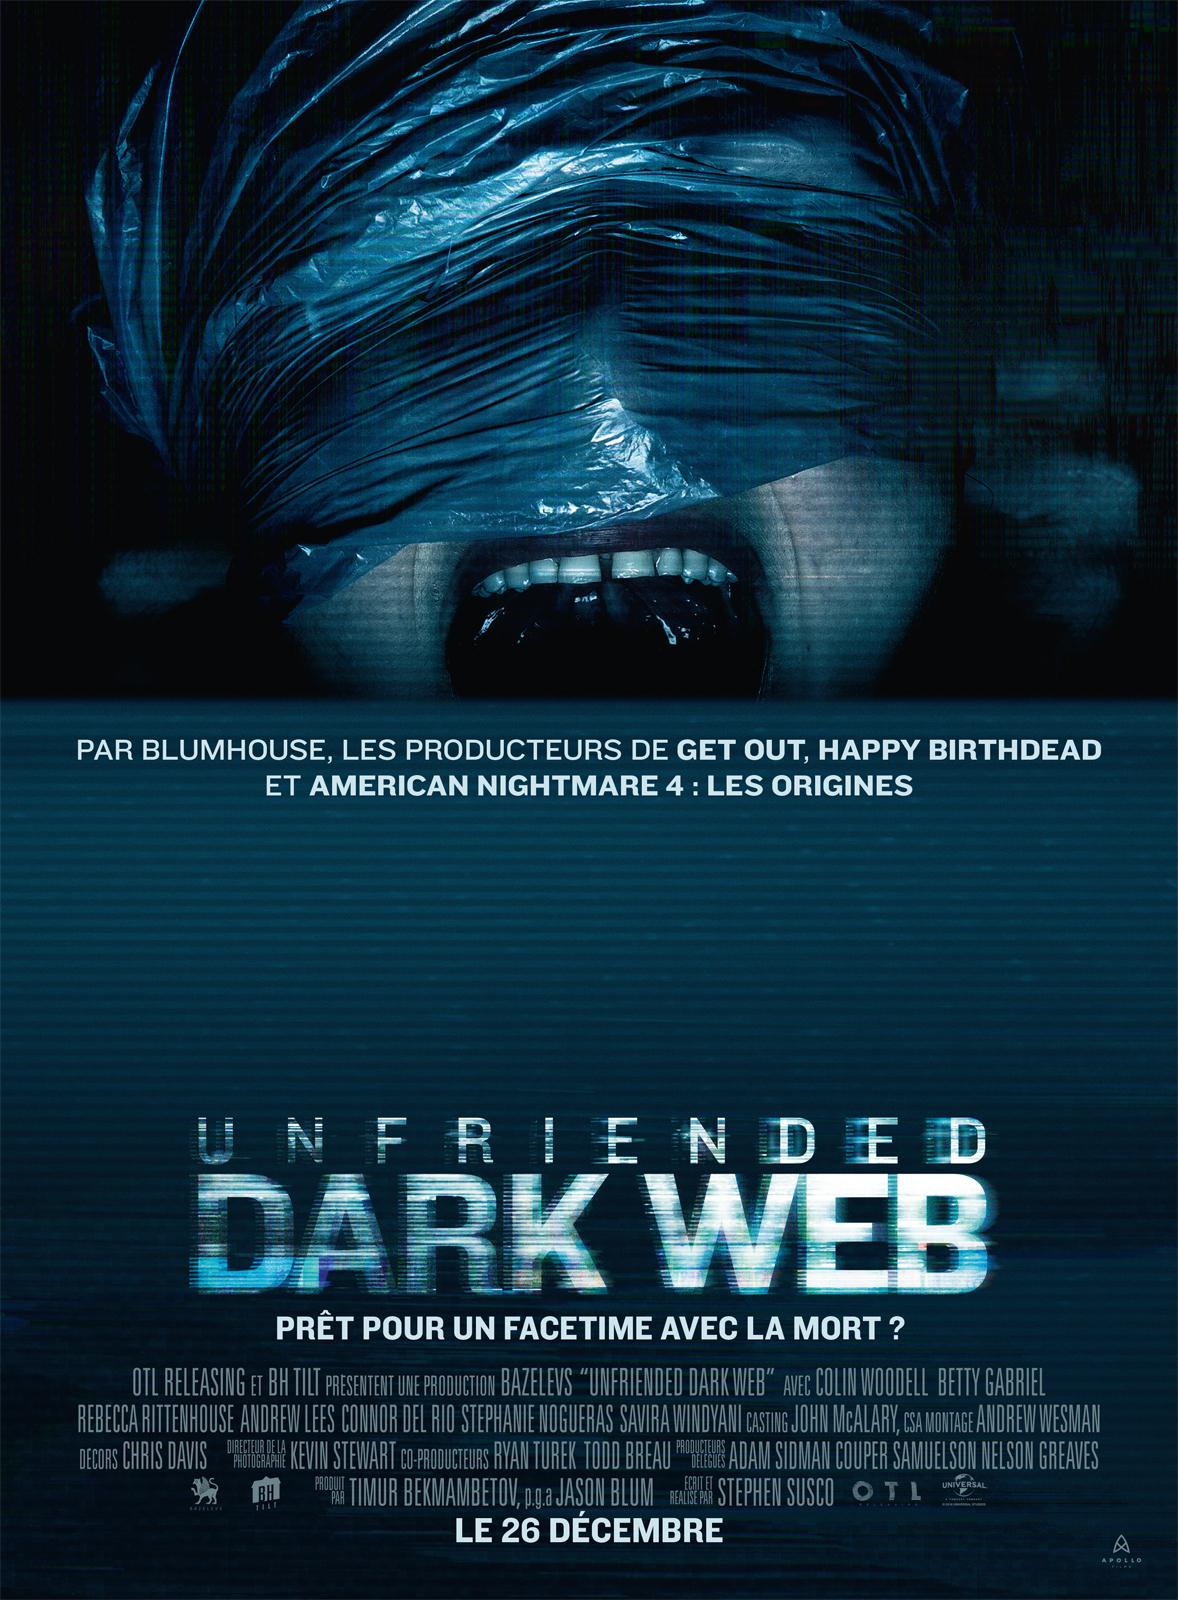 affiche du film Unfriended: Dark Web